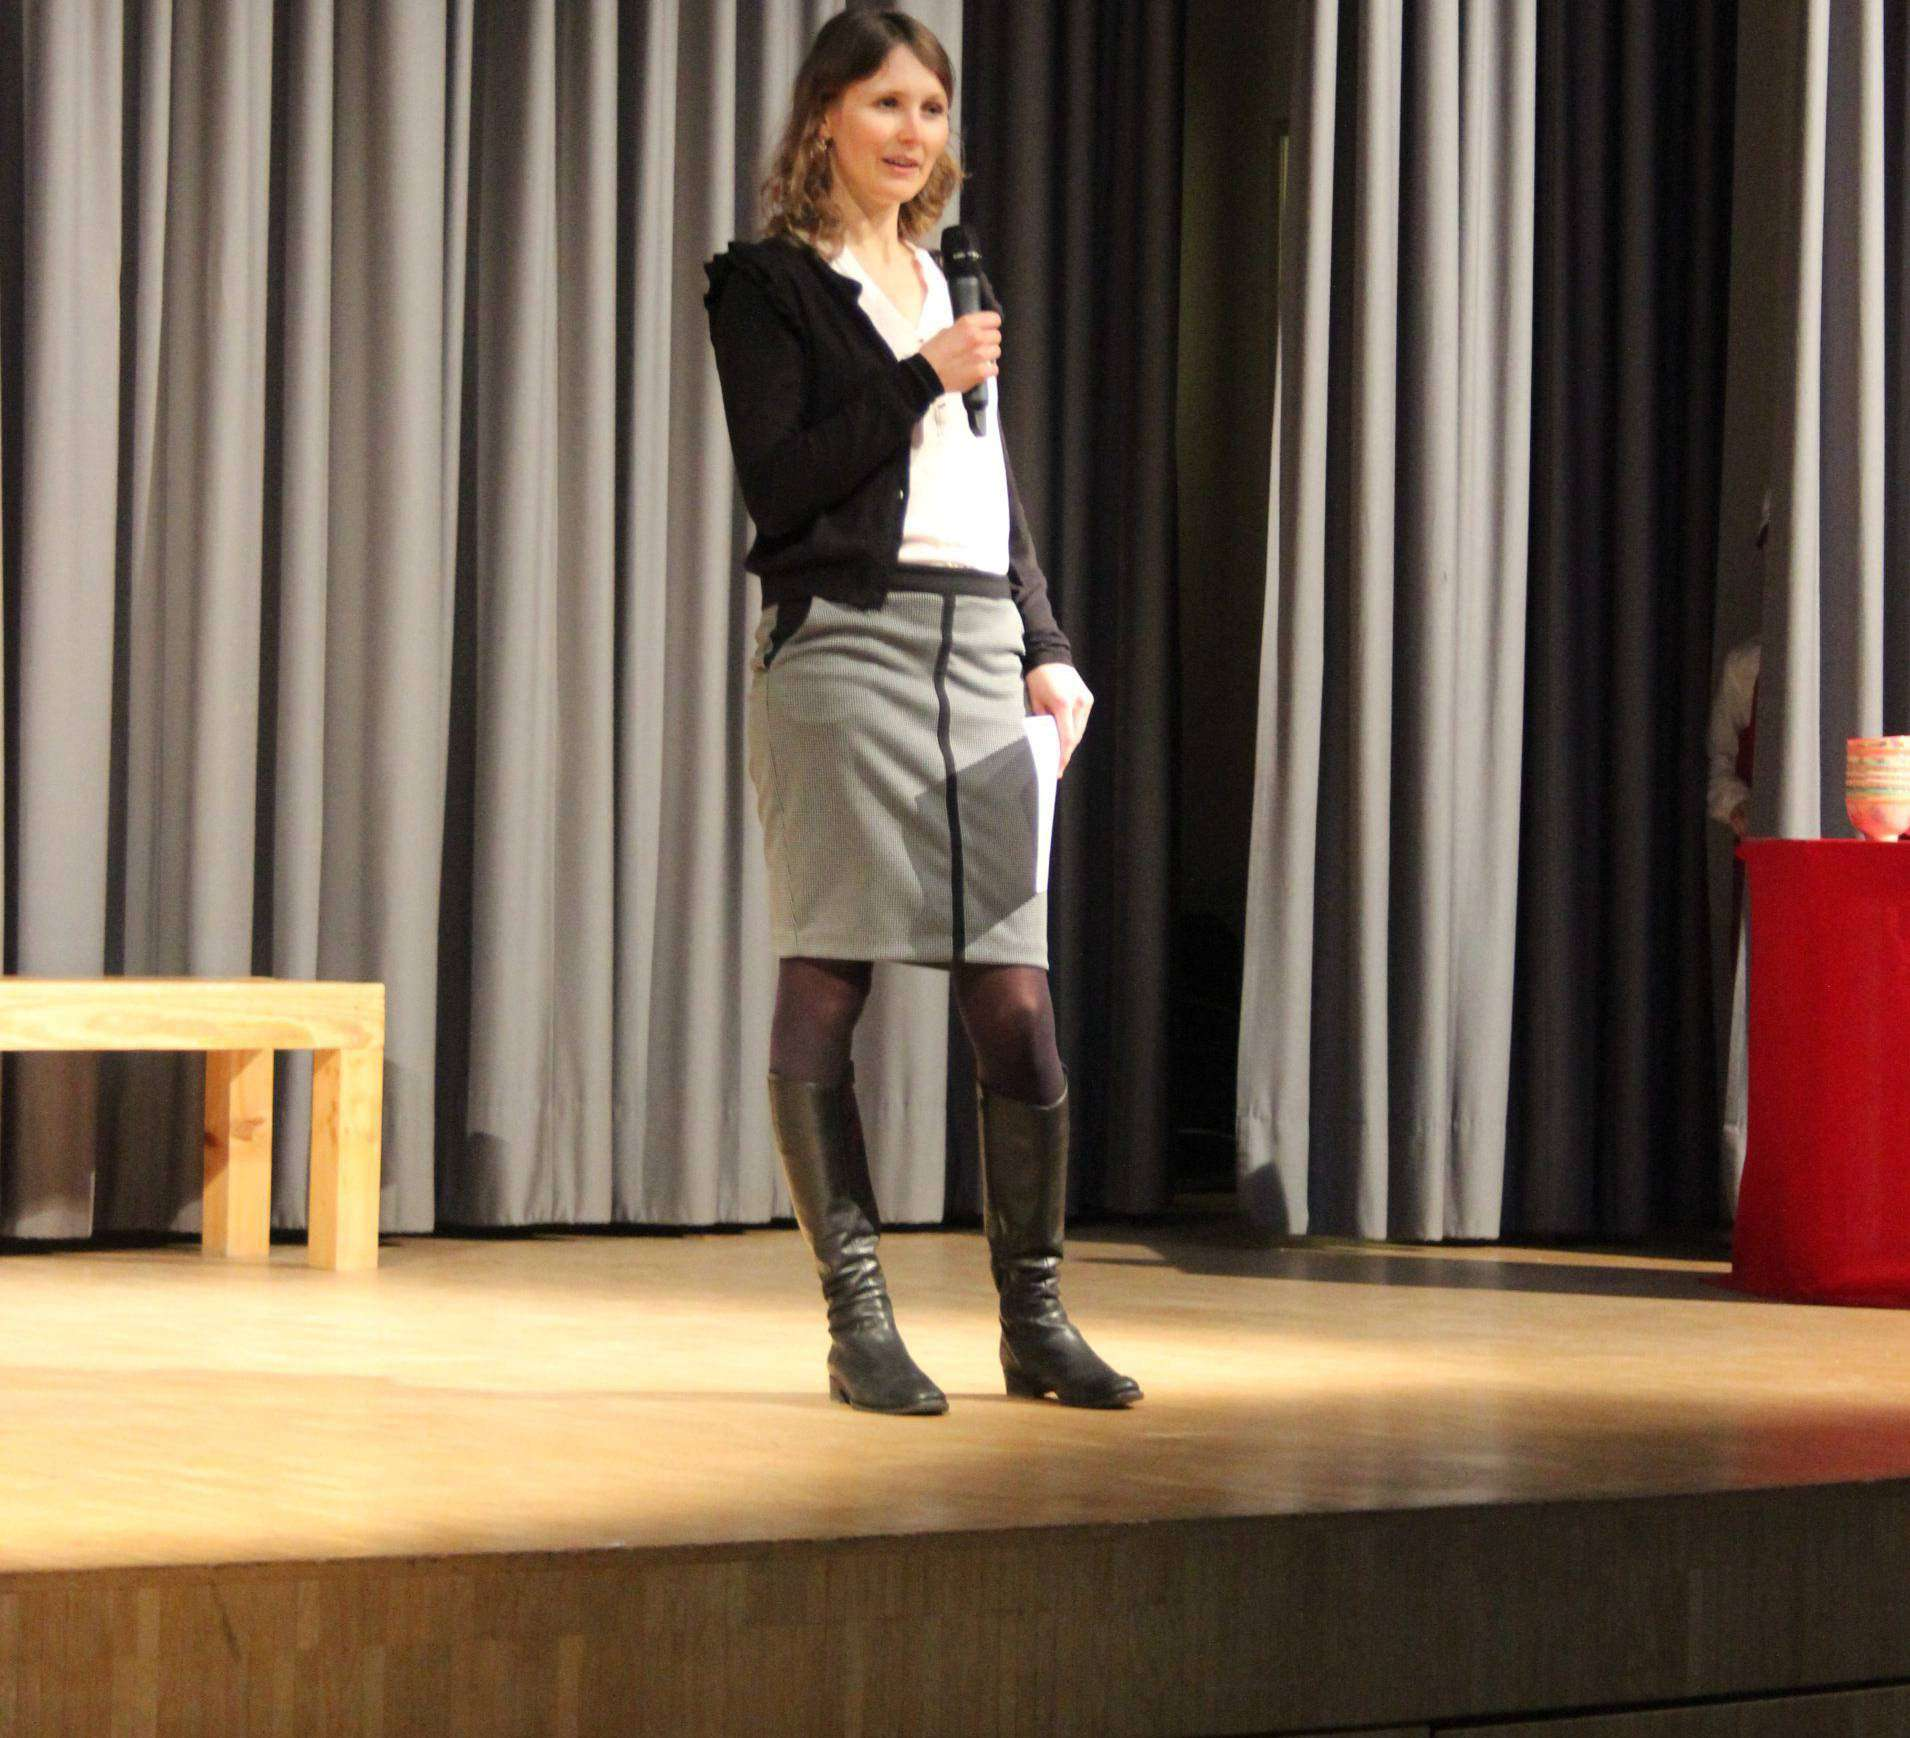 Konrektorin Frauke Wessels begrüßte die Gäste am Tag der offenen Tür. Foto: Björn Blaak